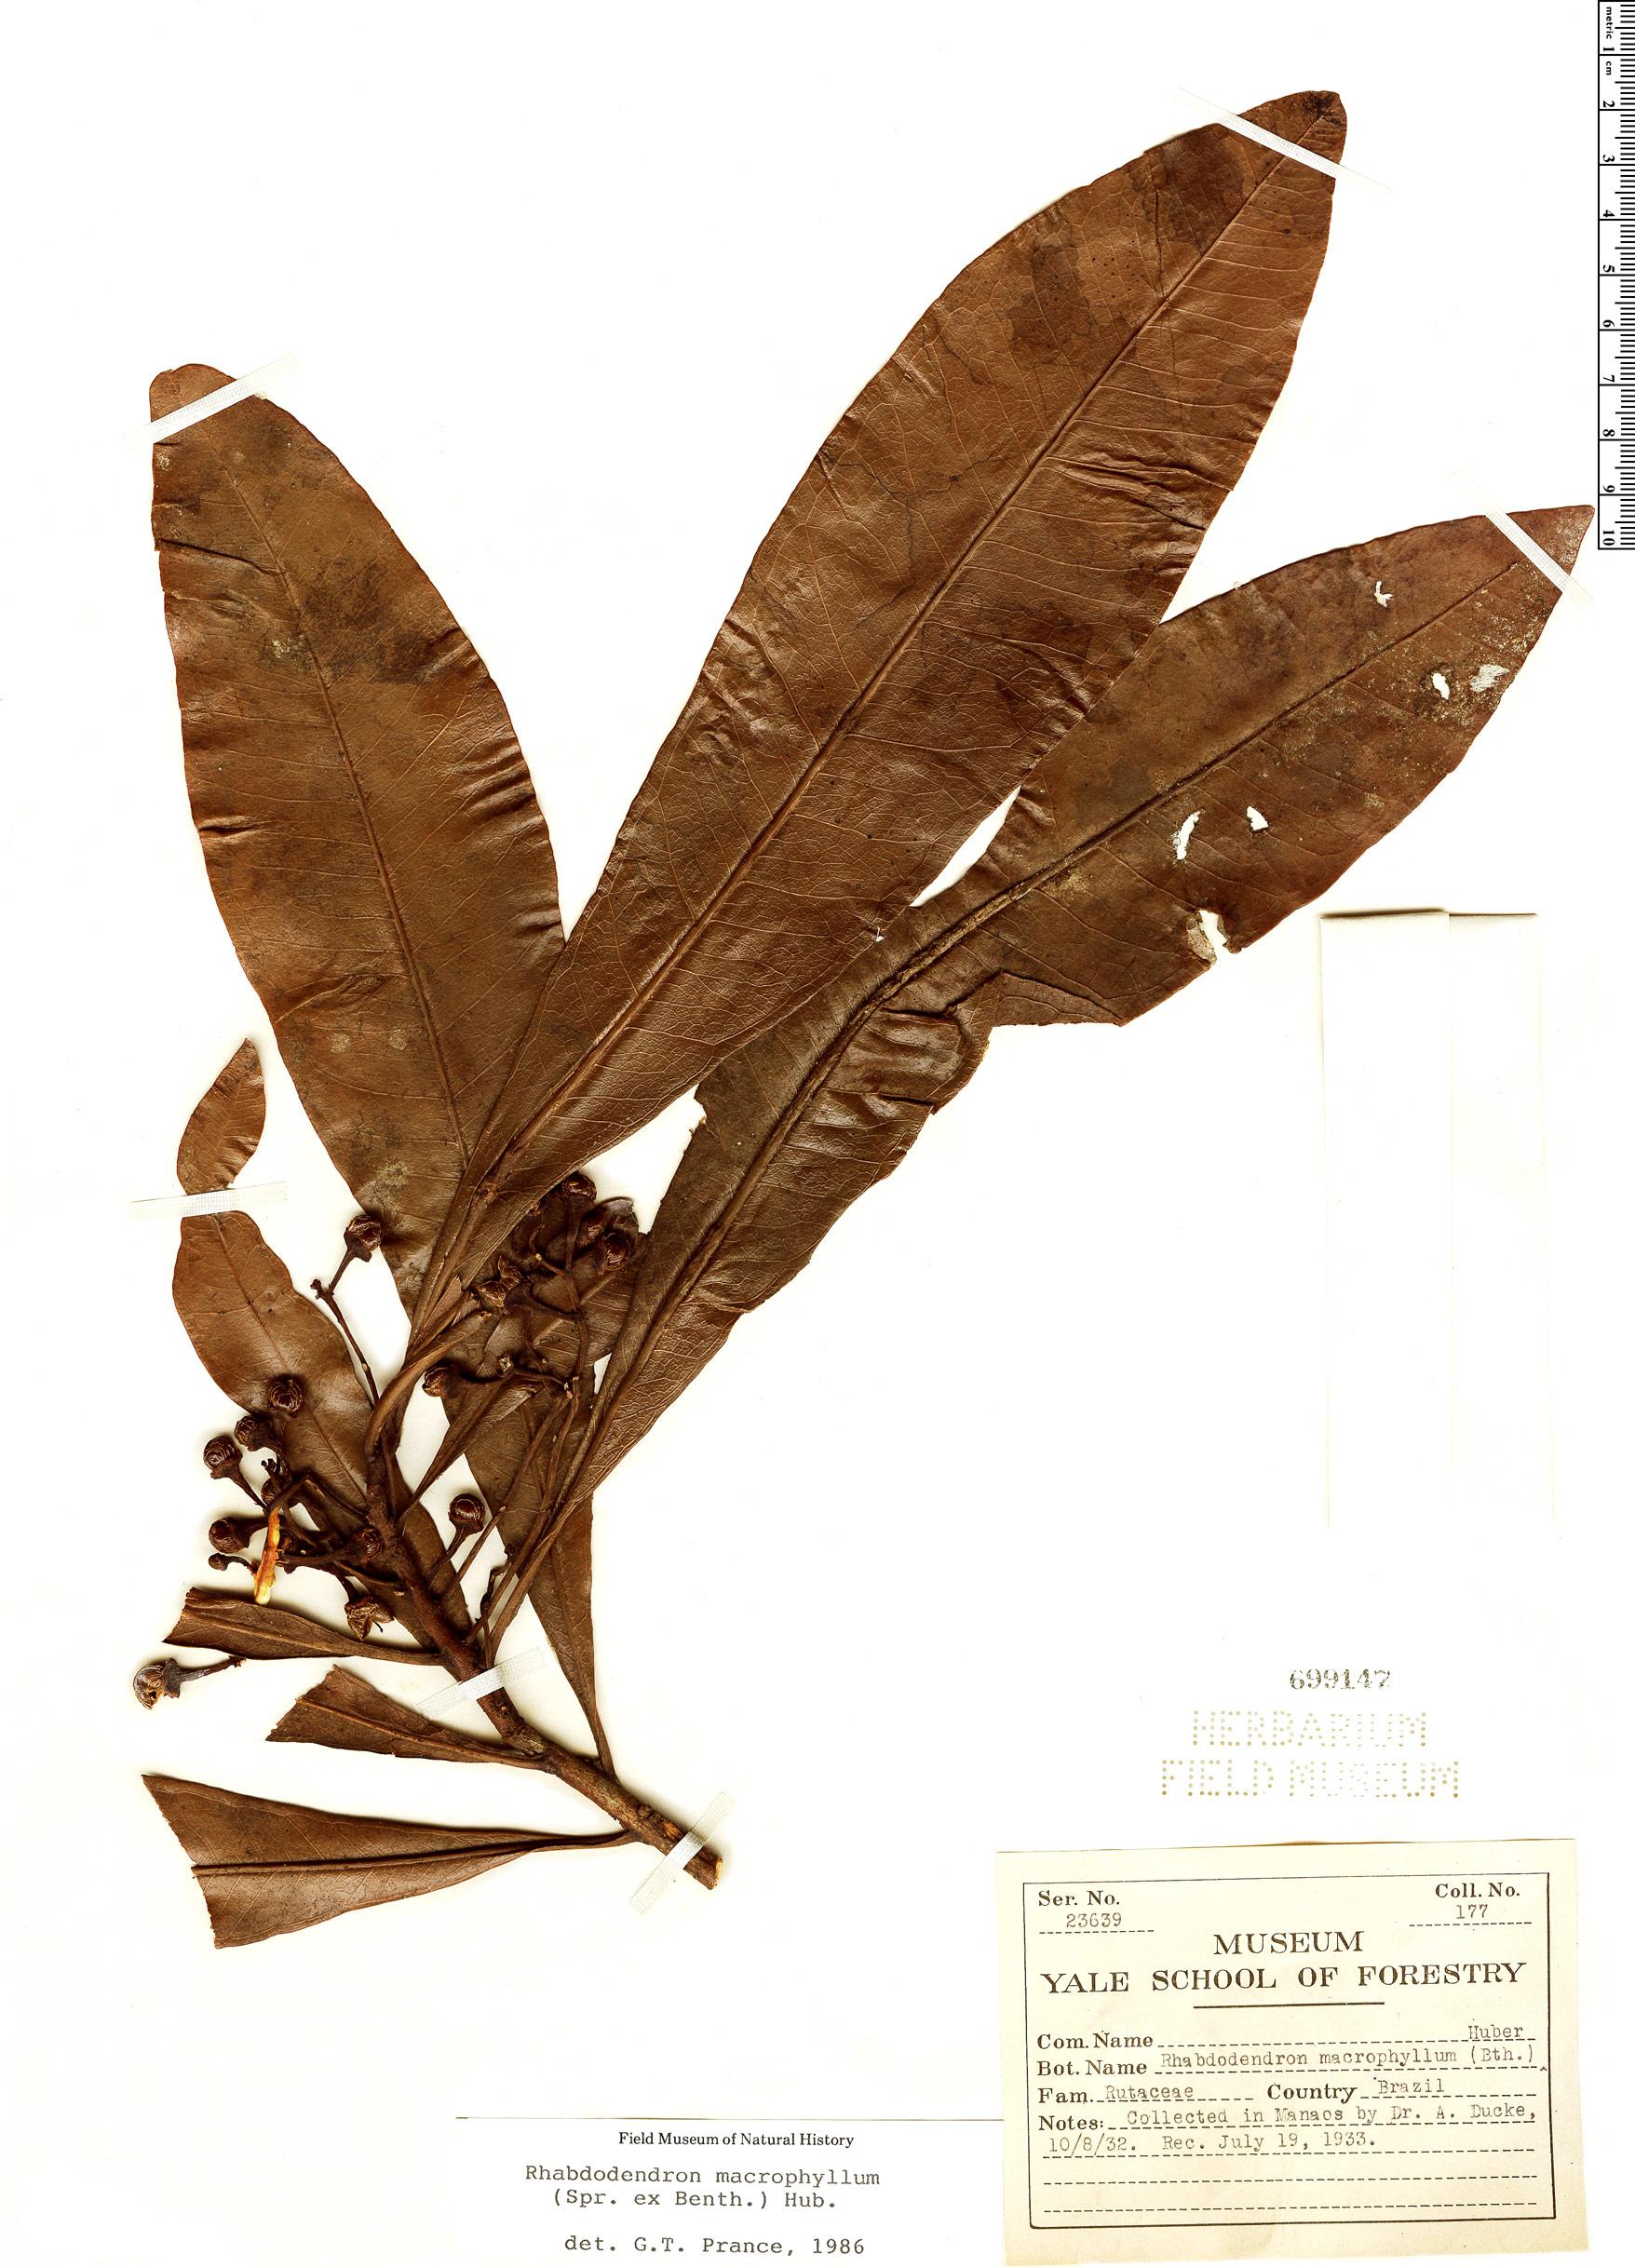 Specimen: Rhabdodendron macrophyllum